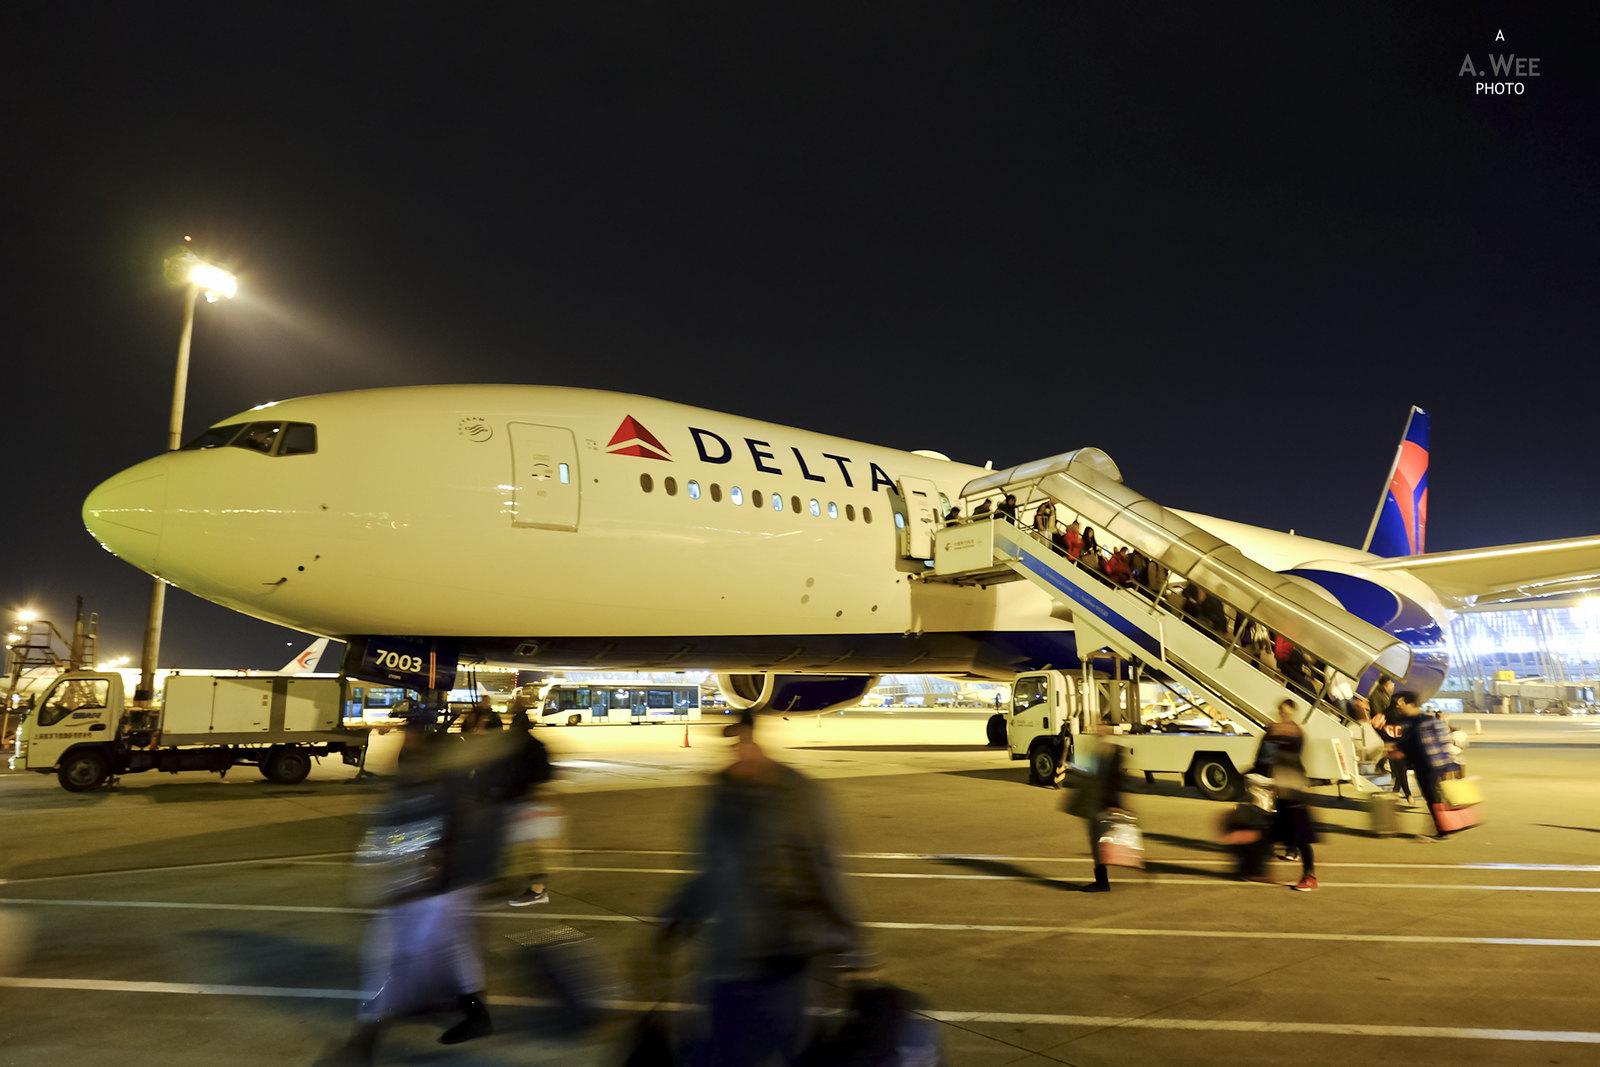 Delta 777 at PVG